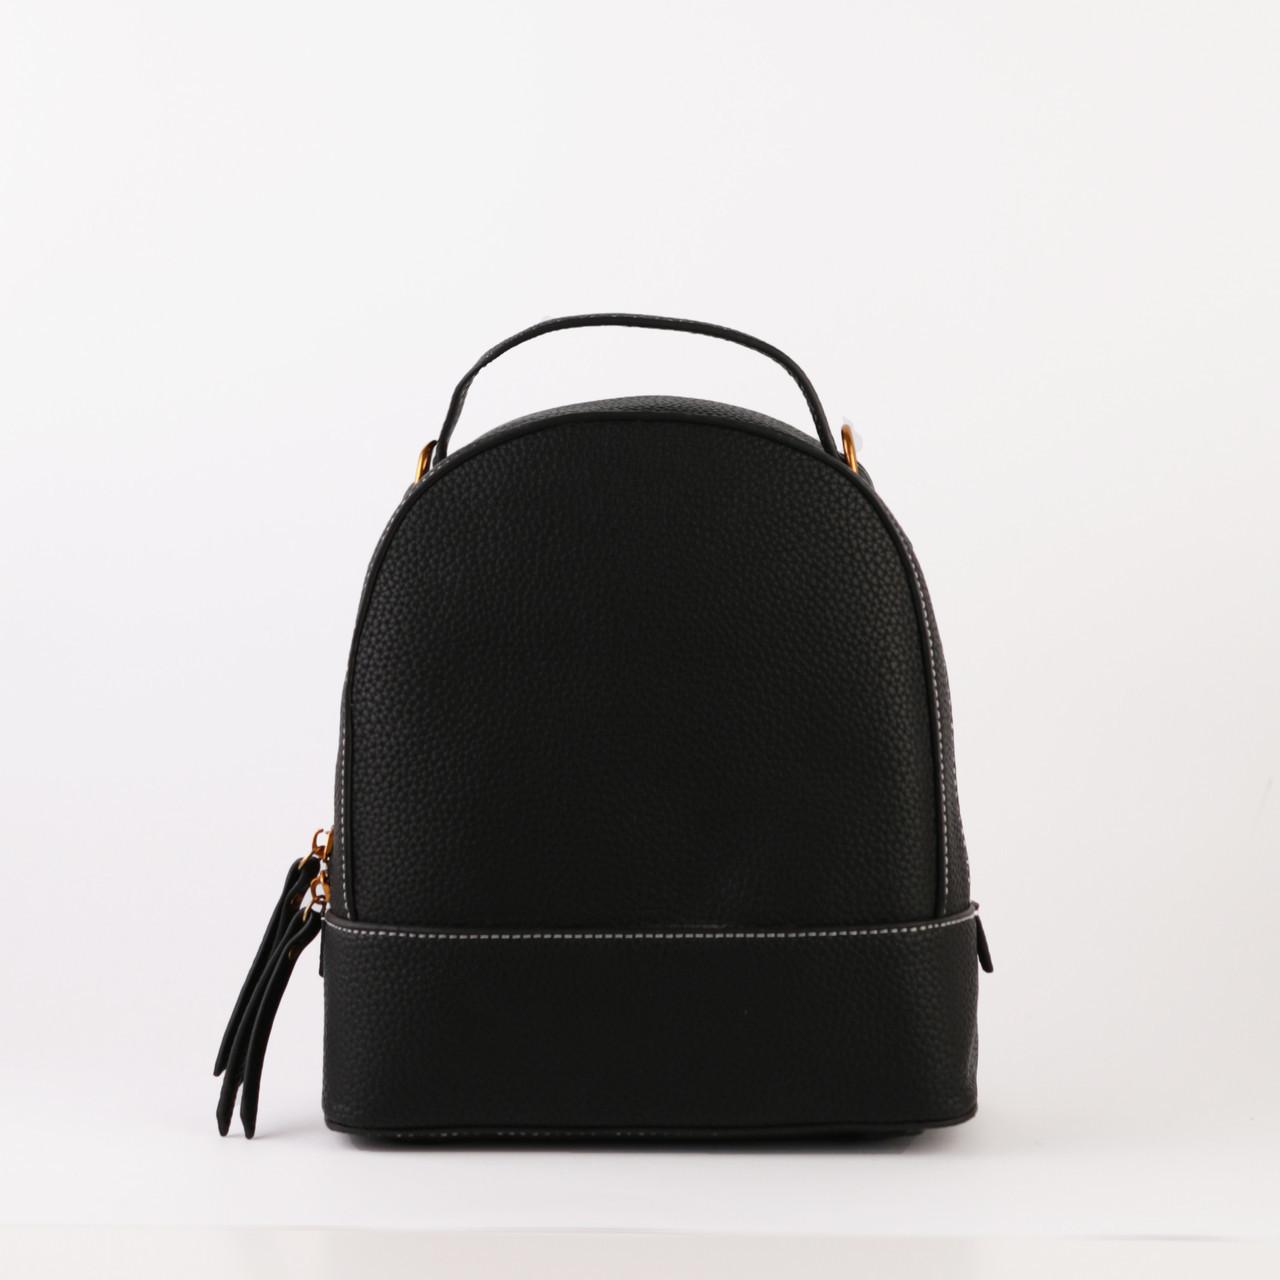 c5804579a442 Сумка-рюкзак женский кожаный маленький черный